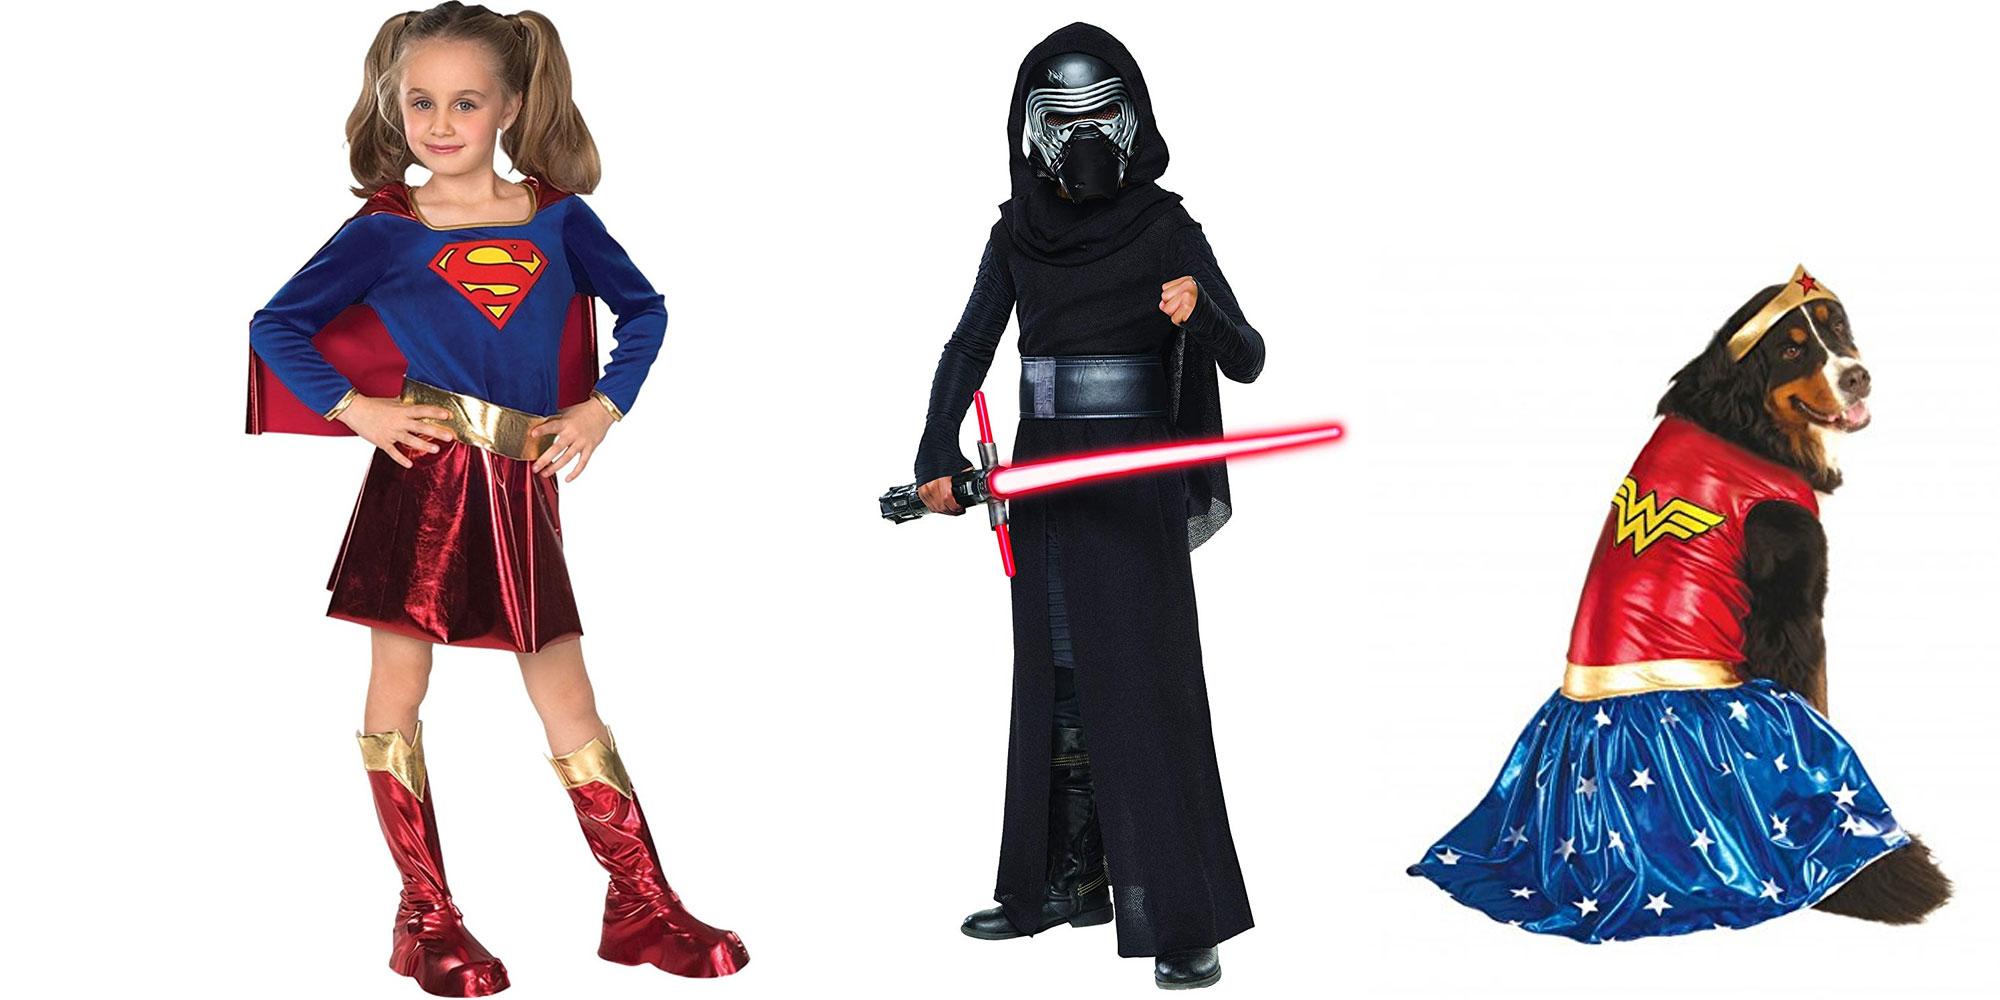 Amazon Prime Halloween Costumes.Flipboard Amazon Has Halloween Costumes For Kids Pets From Just